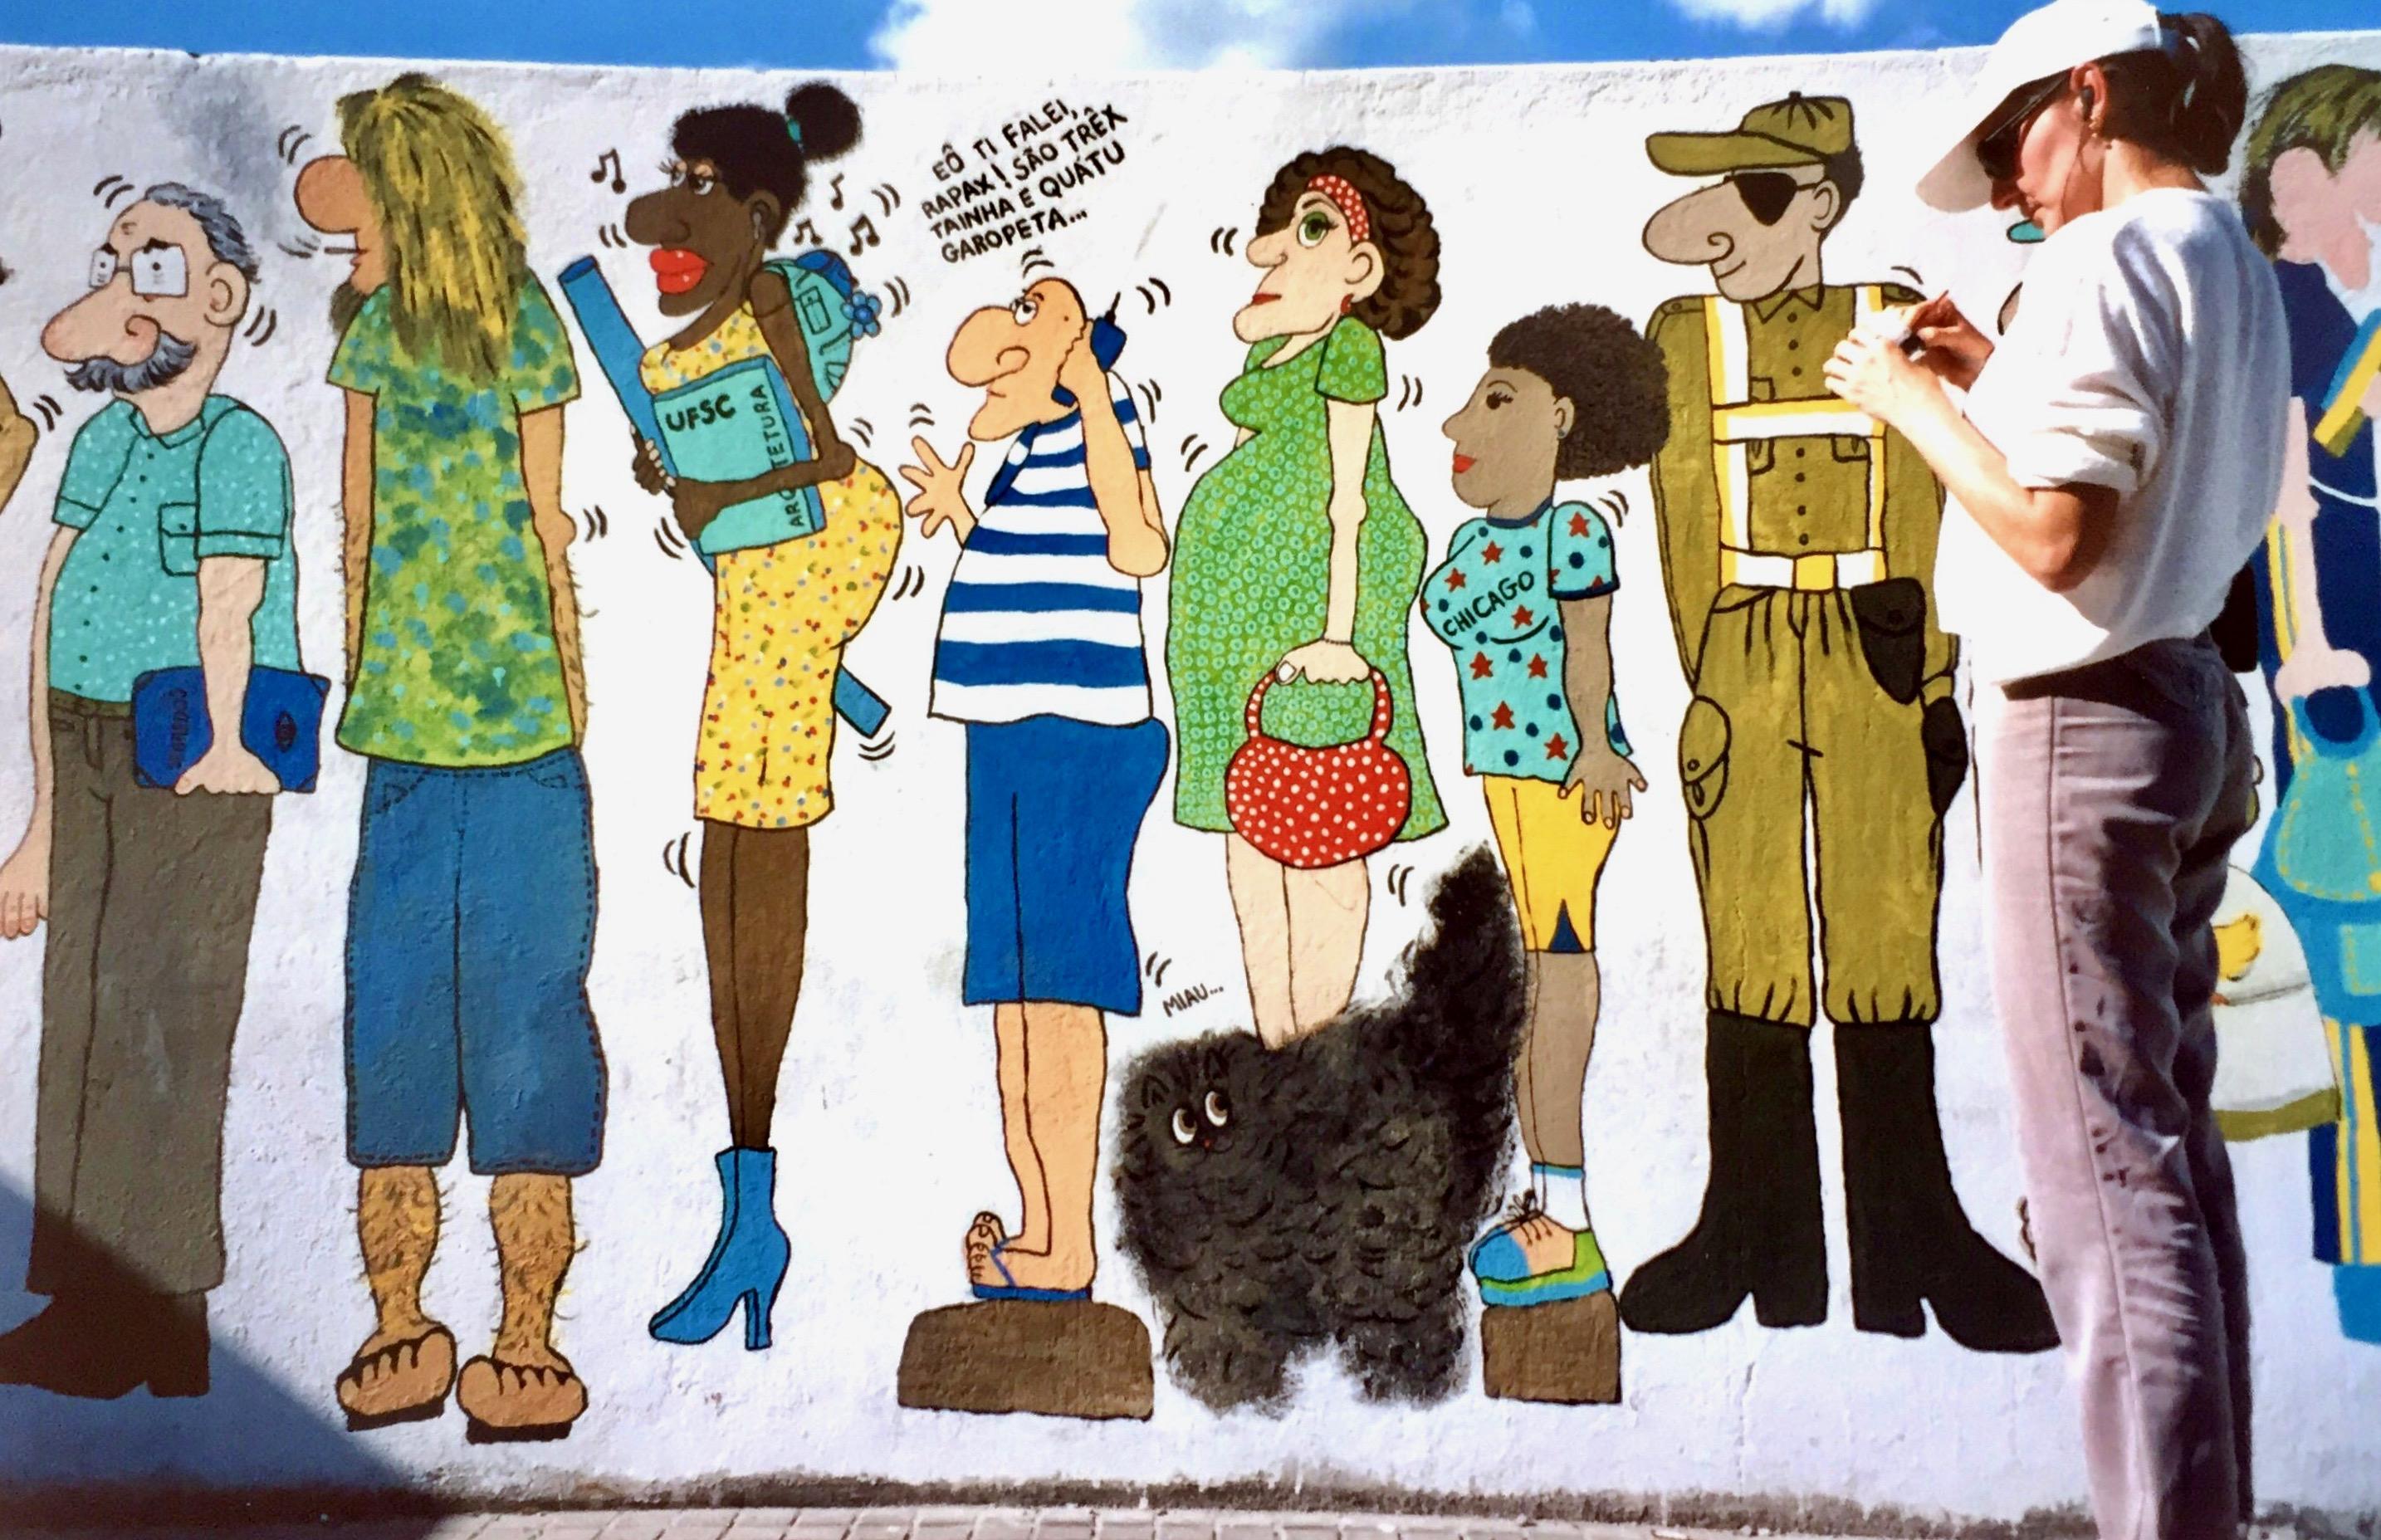 #paracegover A imagem mostra uma estudante de arquitetura, um torcedor do Avaí, uma mulher segurando uma bolsa vermelha, minha professora de ginástica, a Cida e um policial militar. Um gato peludo (o Heitor) também aparece.